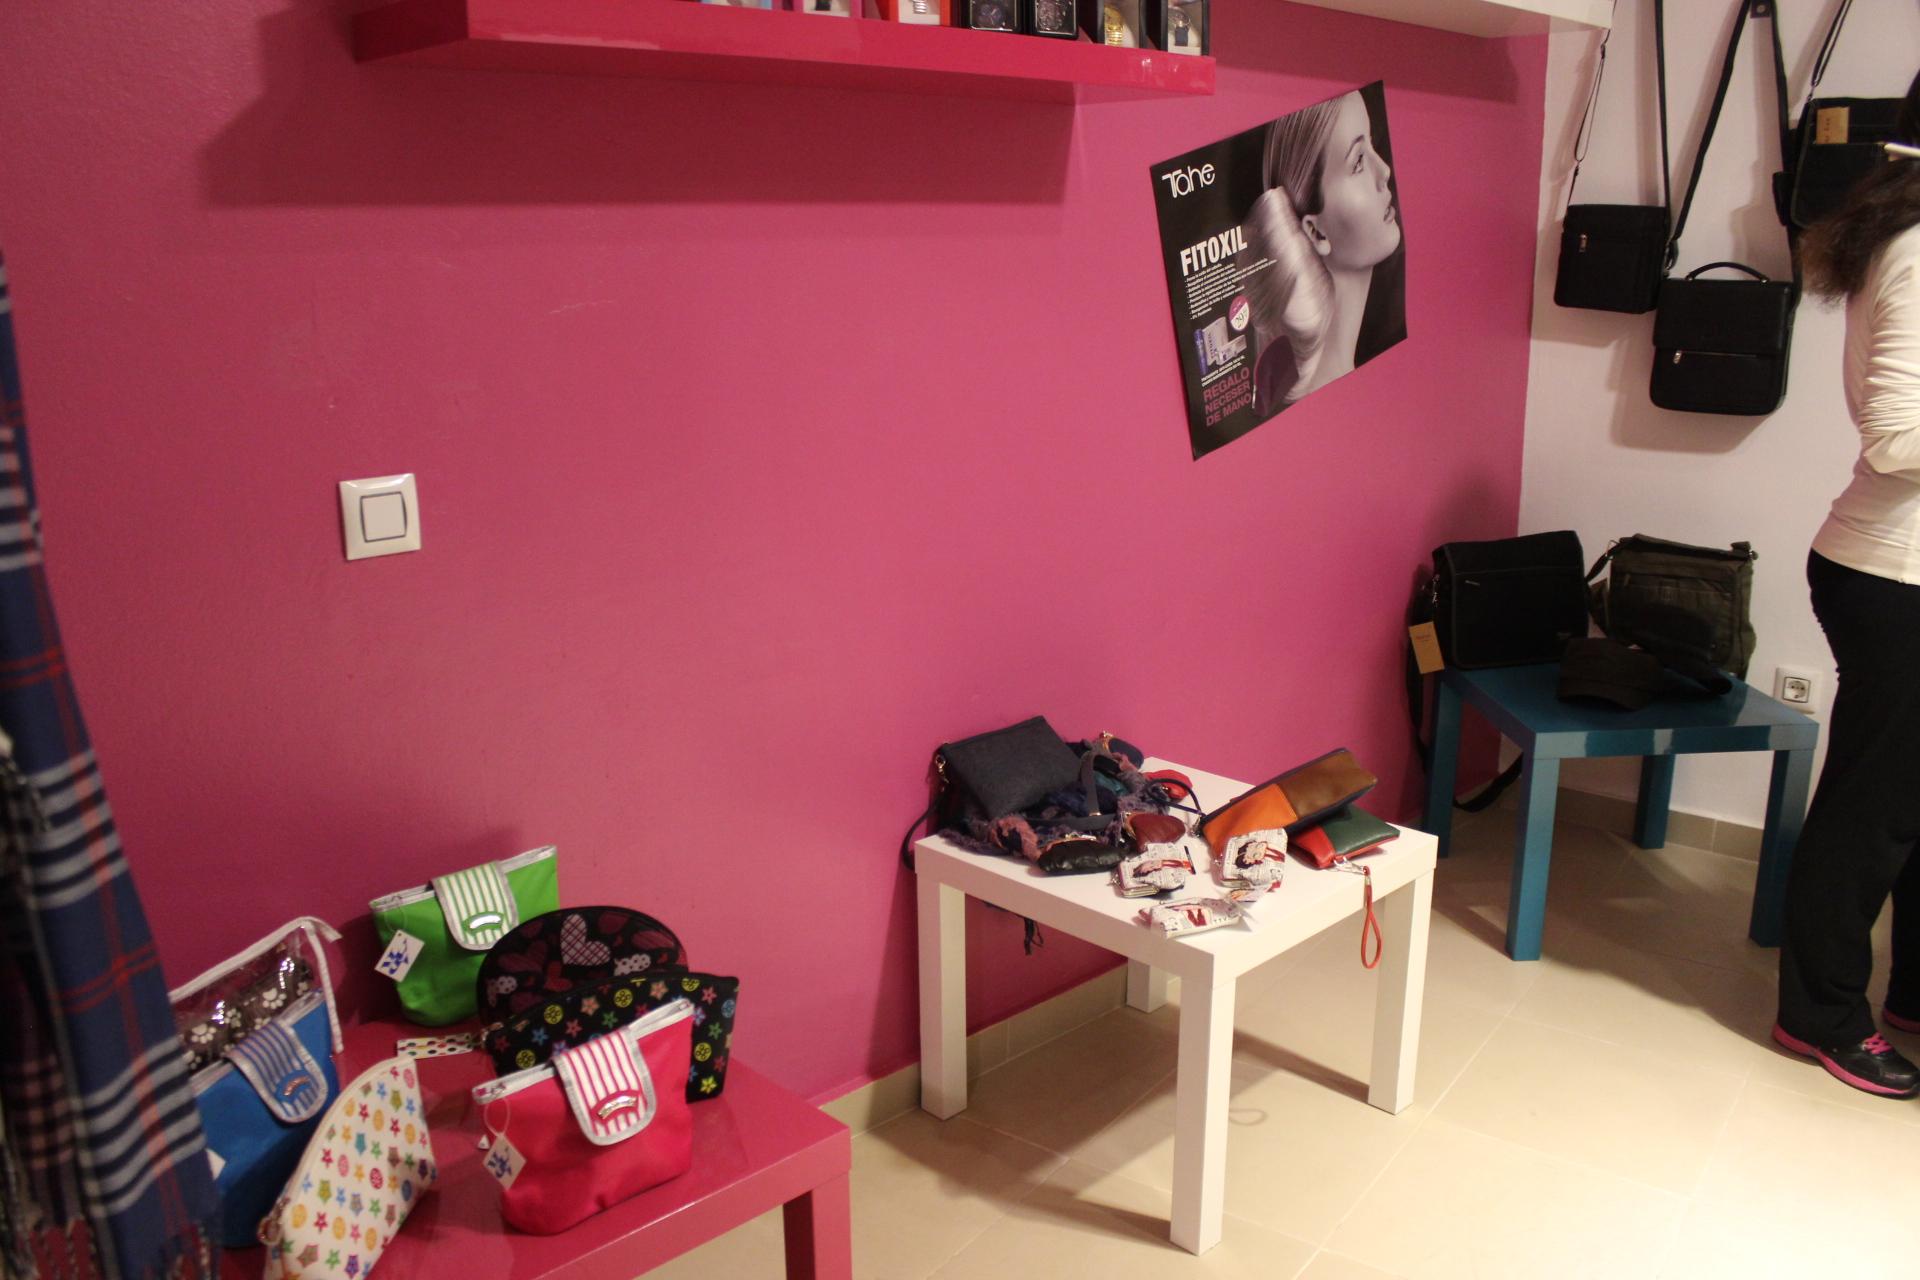 Expositor en el interior de la tienda